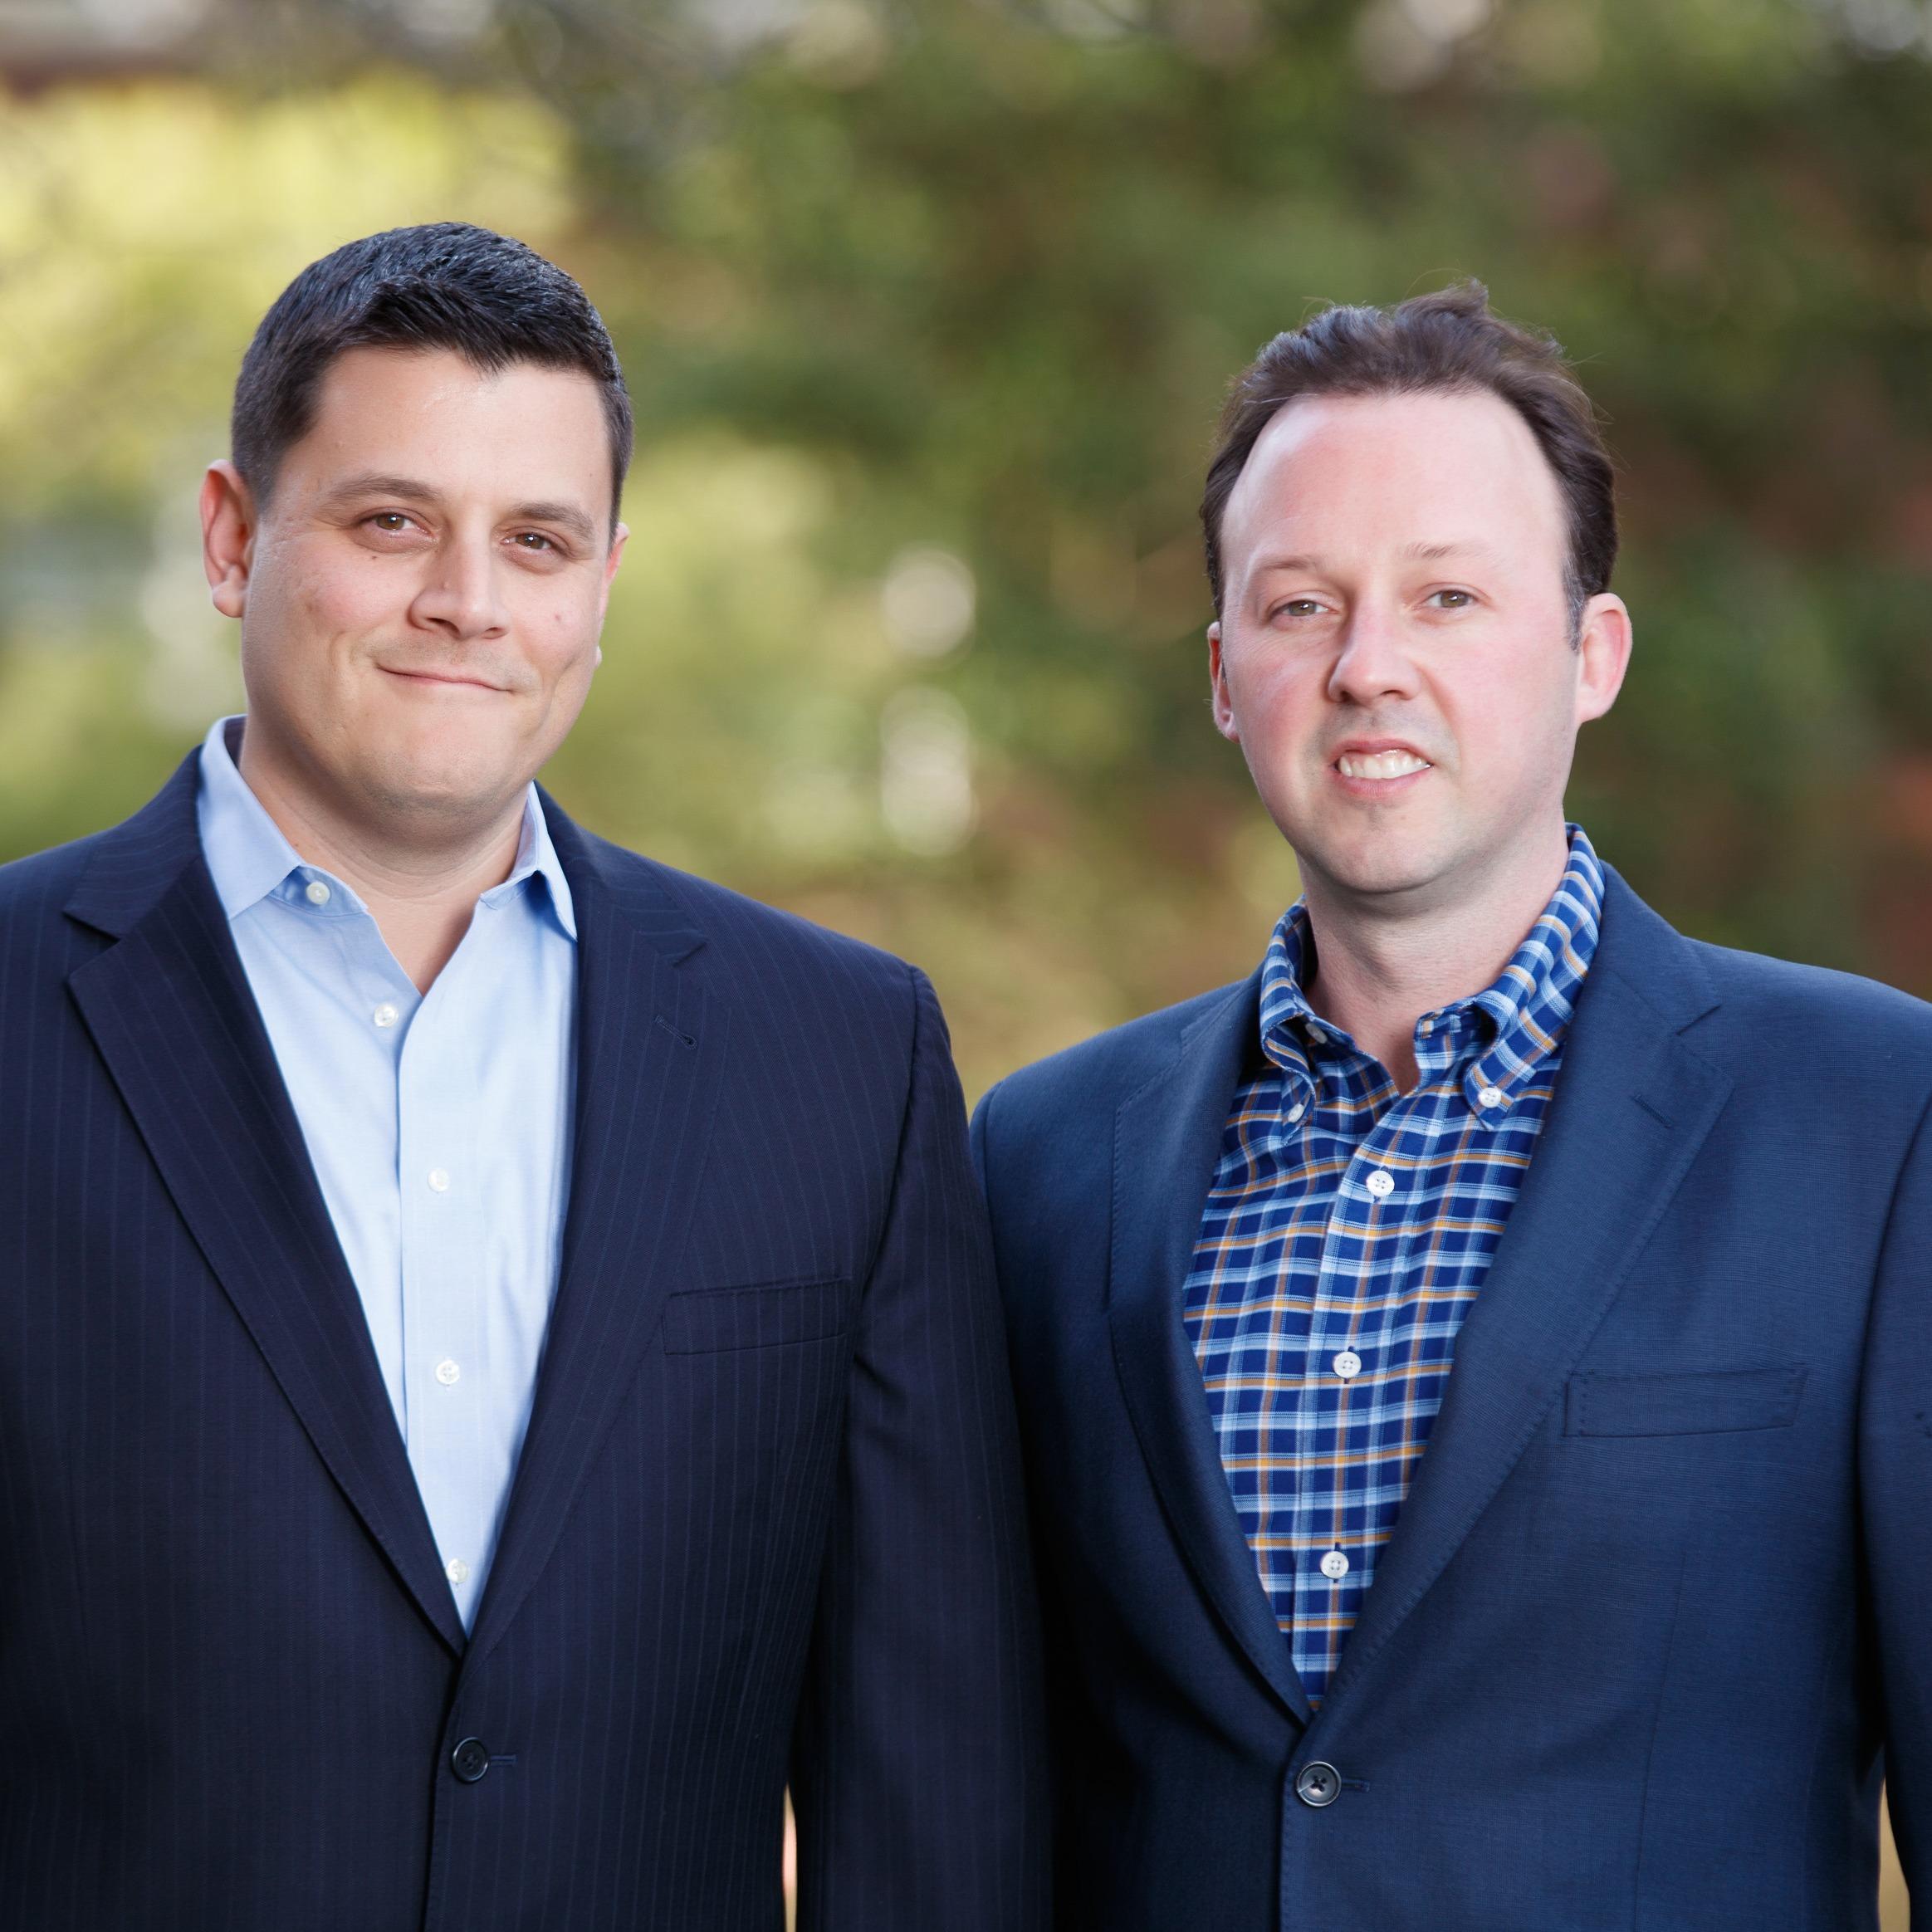 Conor Sullivan & Dave Moya